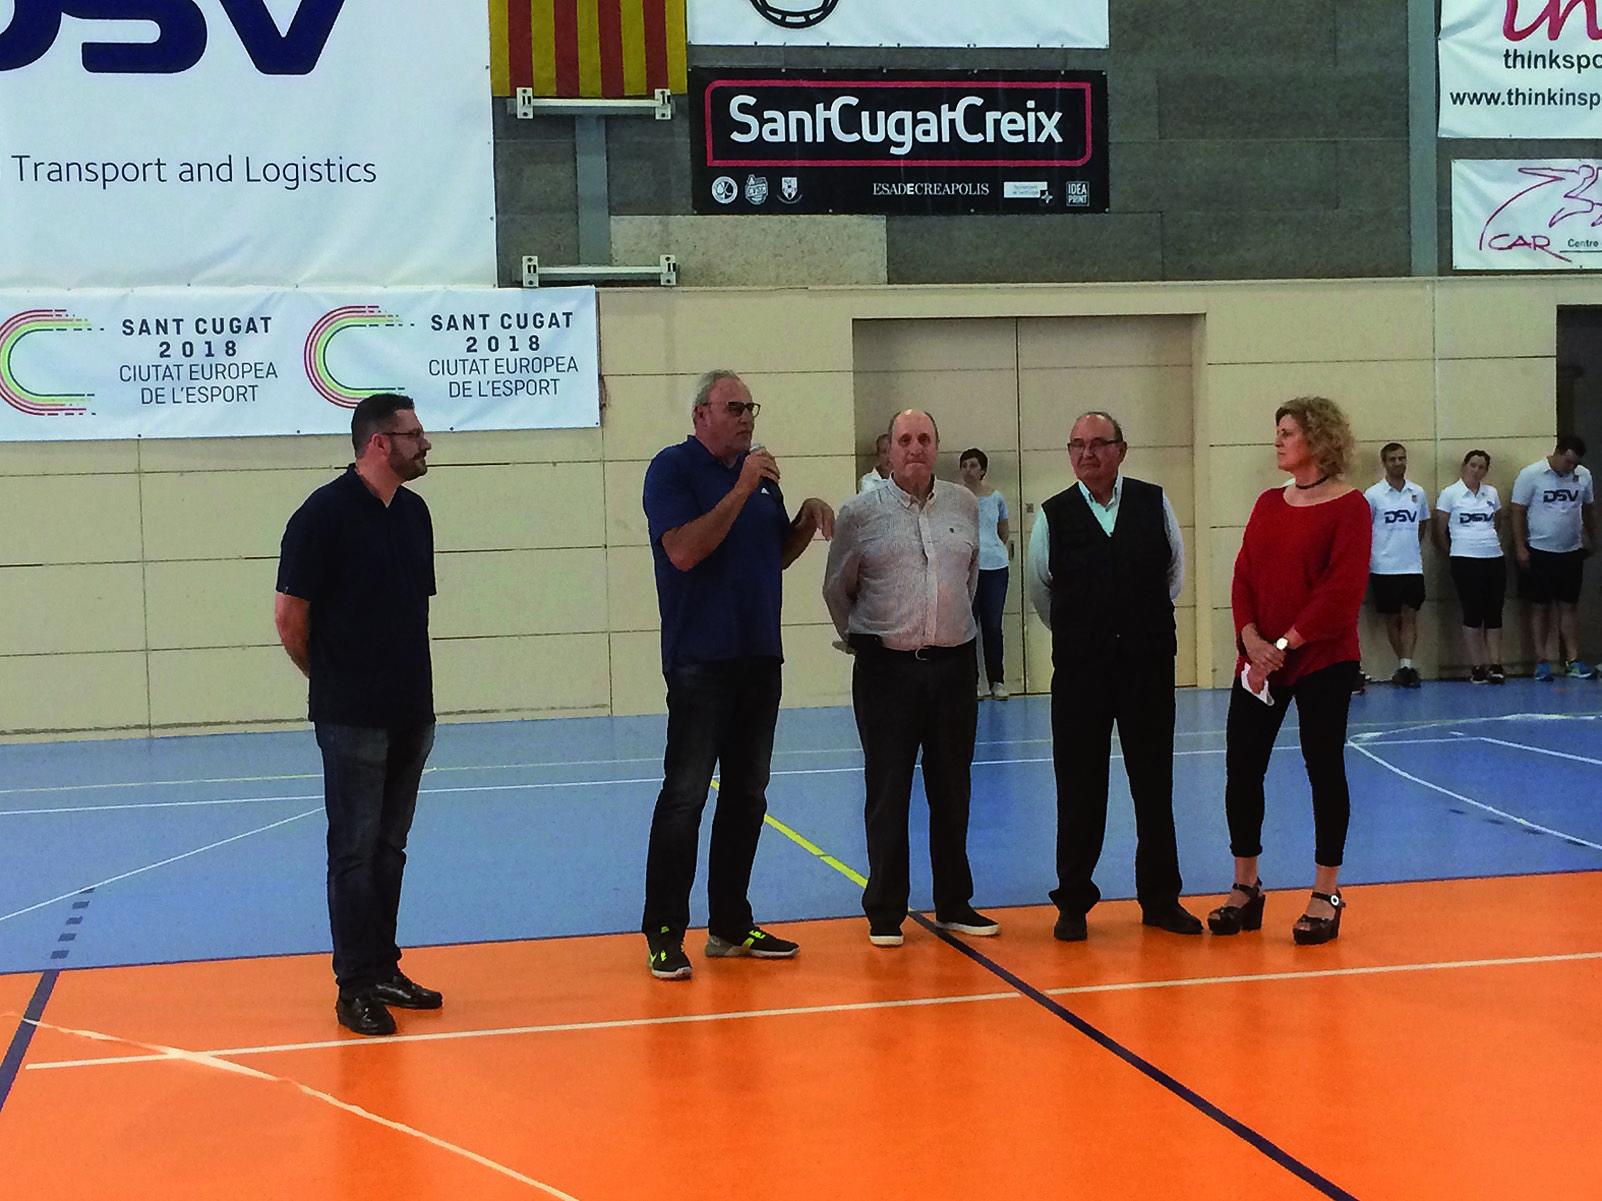 Els cinc presidents del club: Lluís Moreno, Miquel Martínez, Francesc Tortosa, Carles Castro i Núria Terribas. Foto Arxiu Tot Sant Cugat.